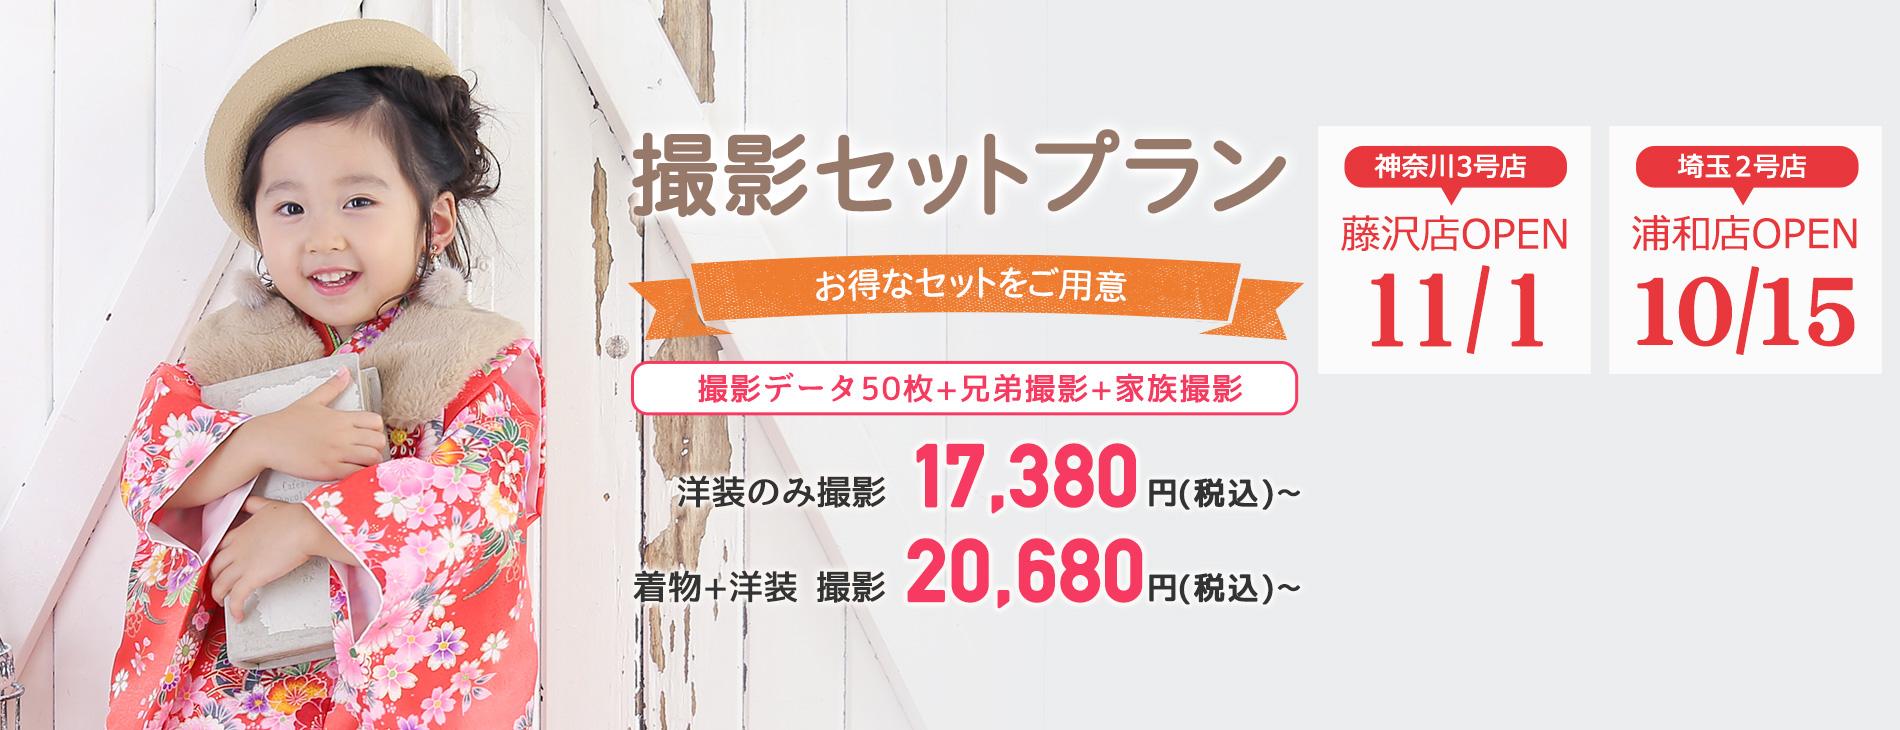 新店舗オープン記念 キャンペーン